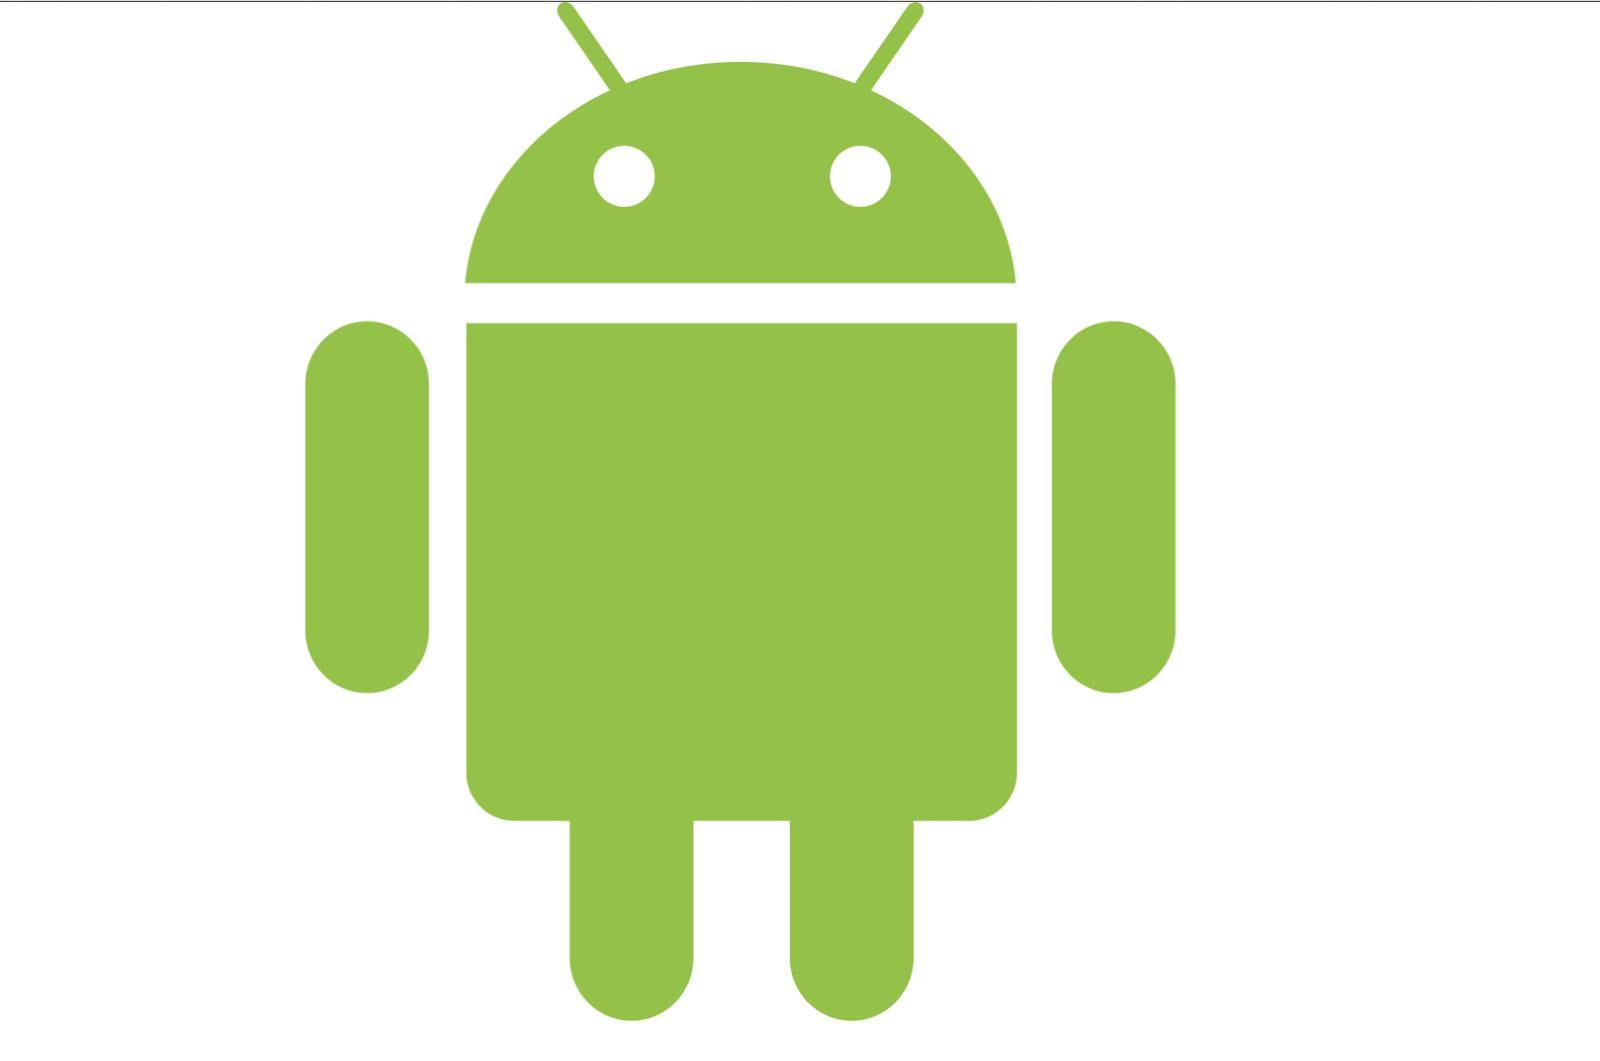 لماذا شعار اندرويد هو عبارة عن روبوت ؟ الإجابة هنا